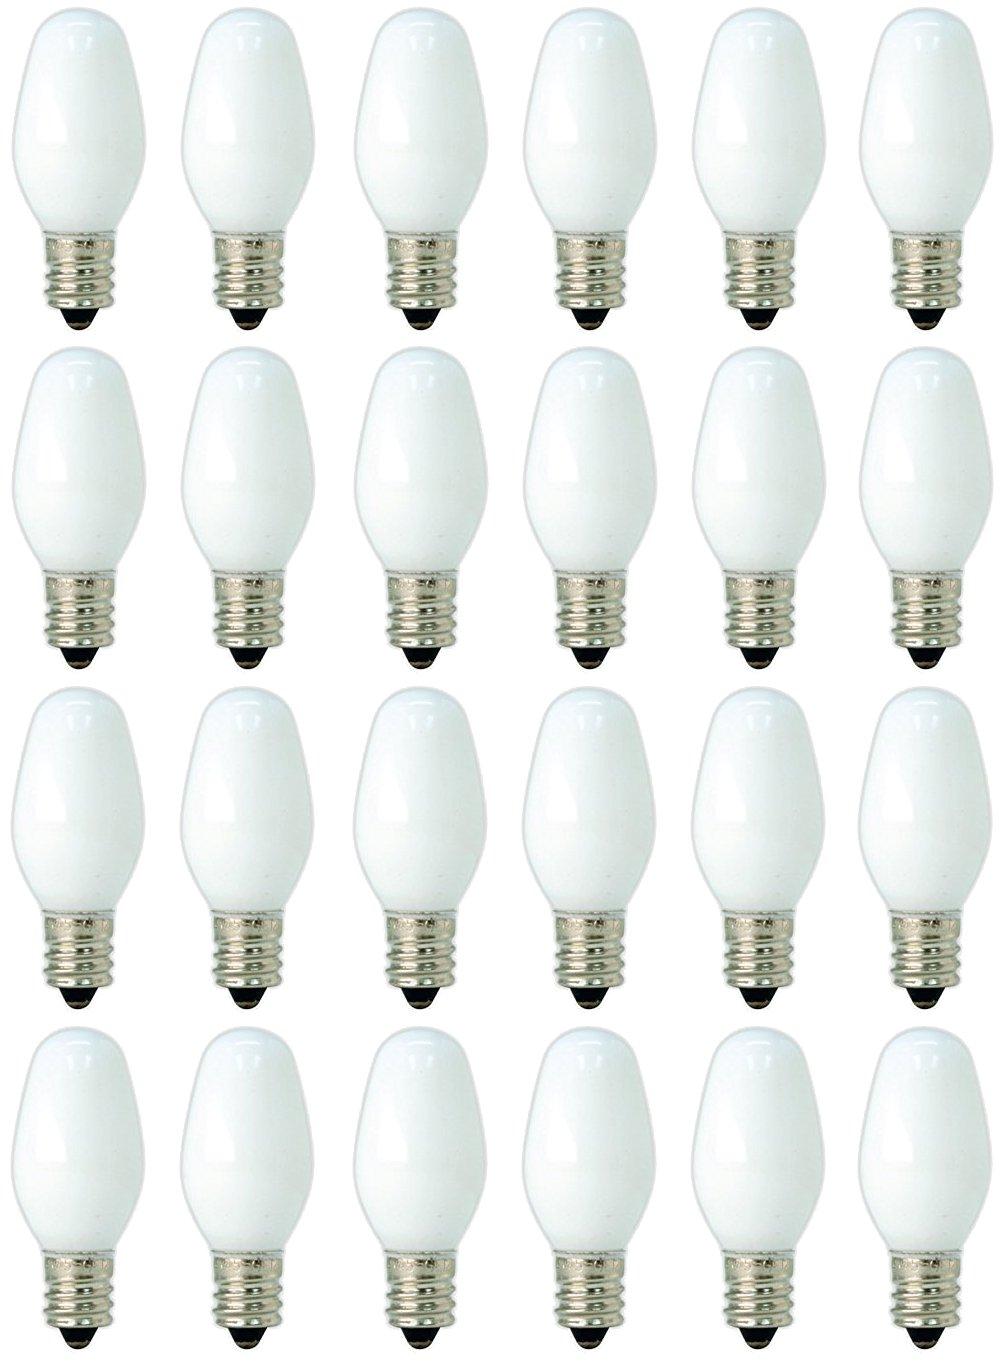 GE C7 Night Light Bulbs White 24 Pack 4-Watt 20573